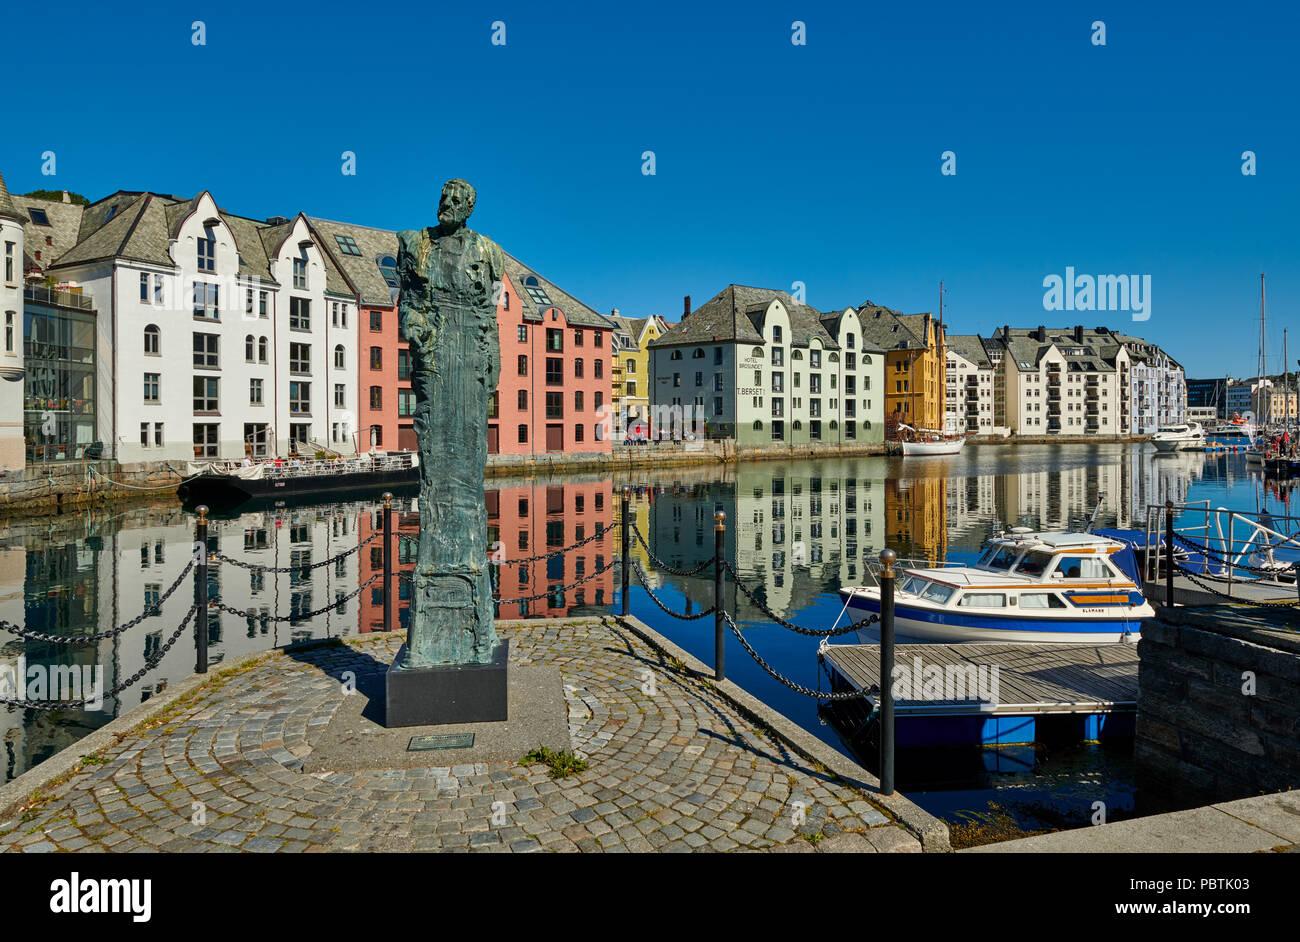 Statue devant vue sur le vieux port avec les édifices Art nouveau historique, Ålesund, Norvège, Europe Photo Stock